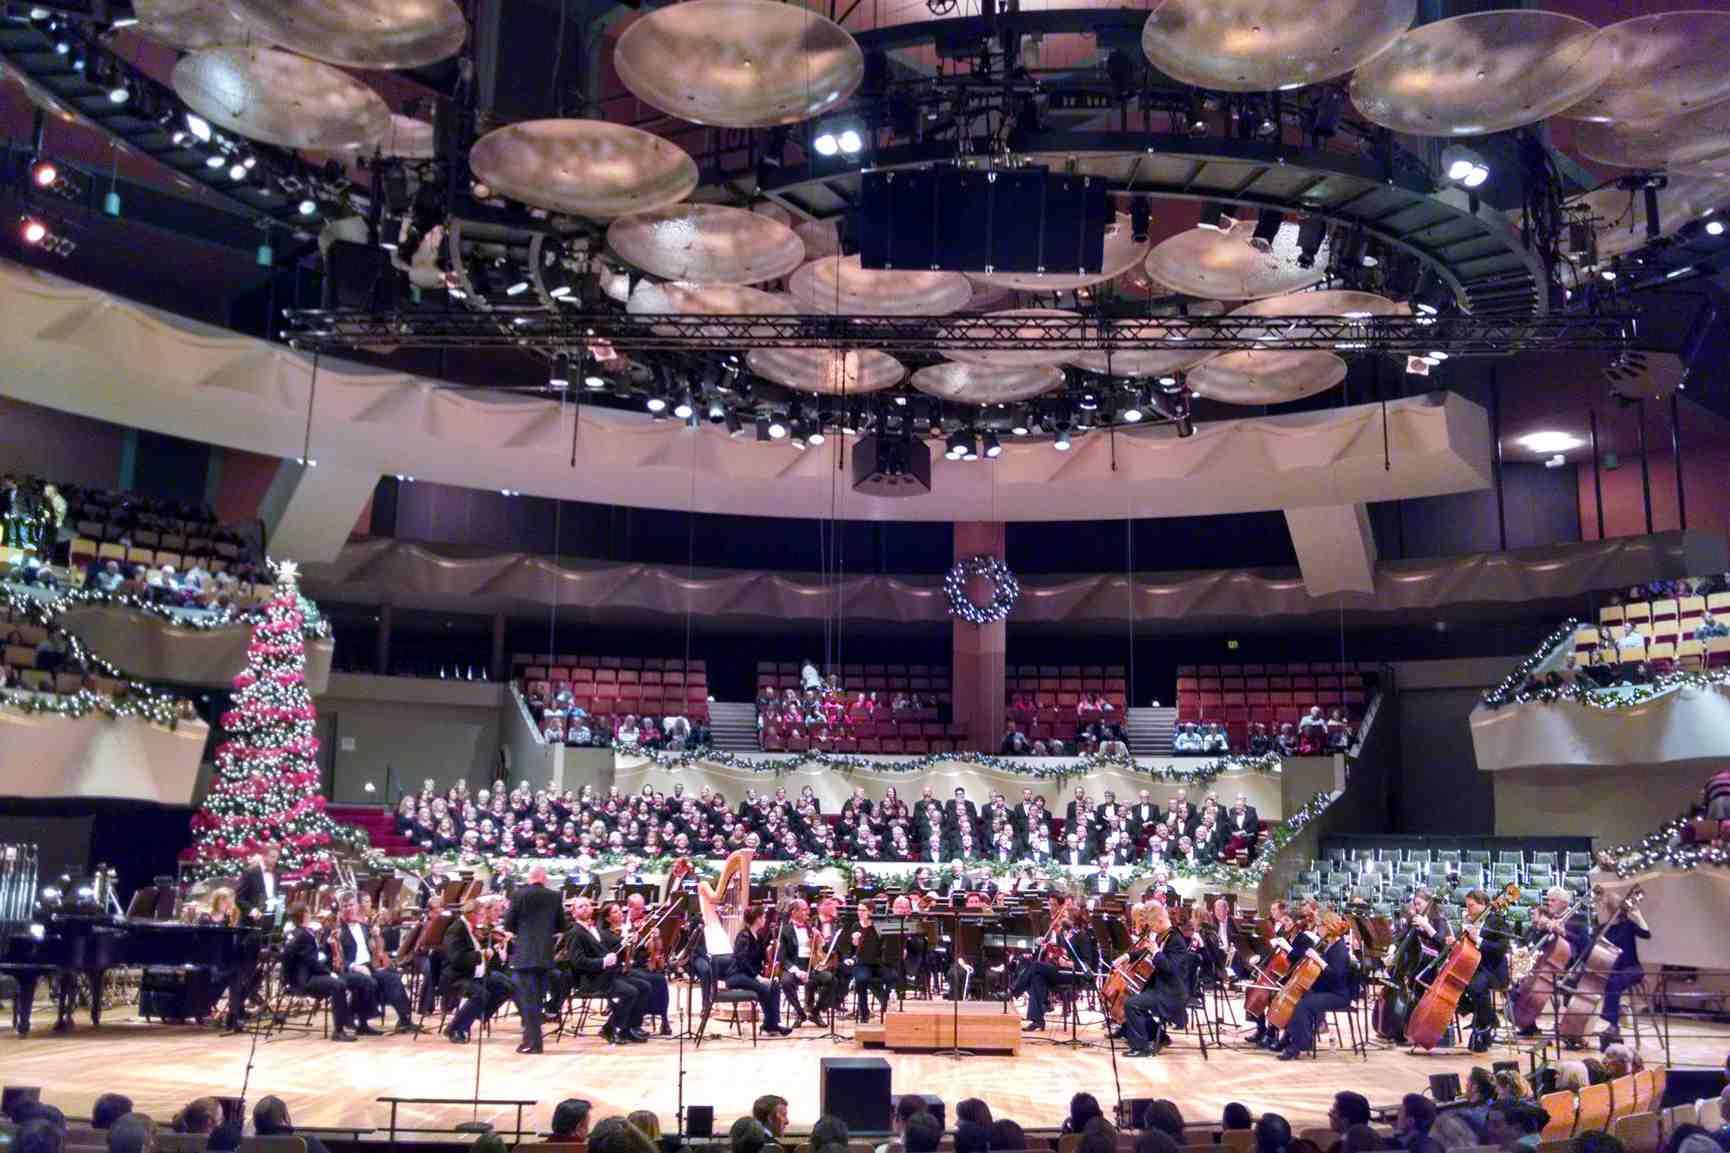 Boettcher Concert Hall in Denver